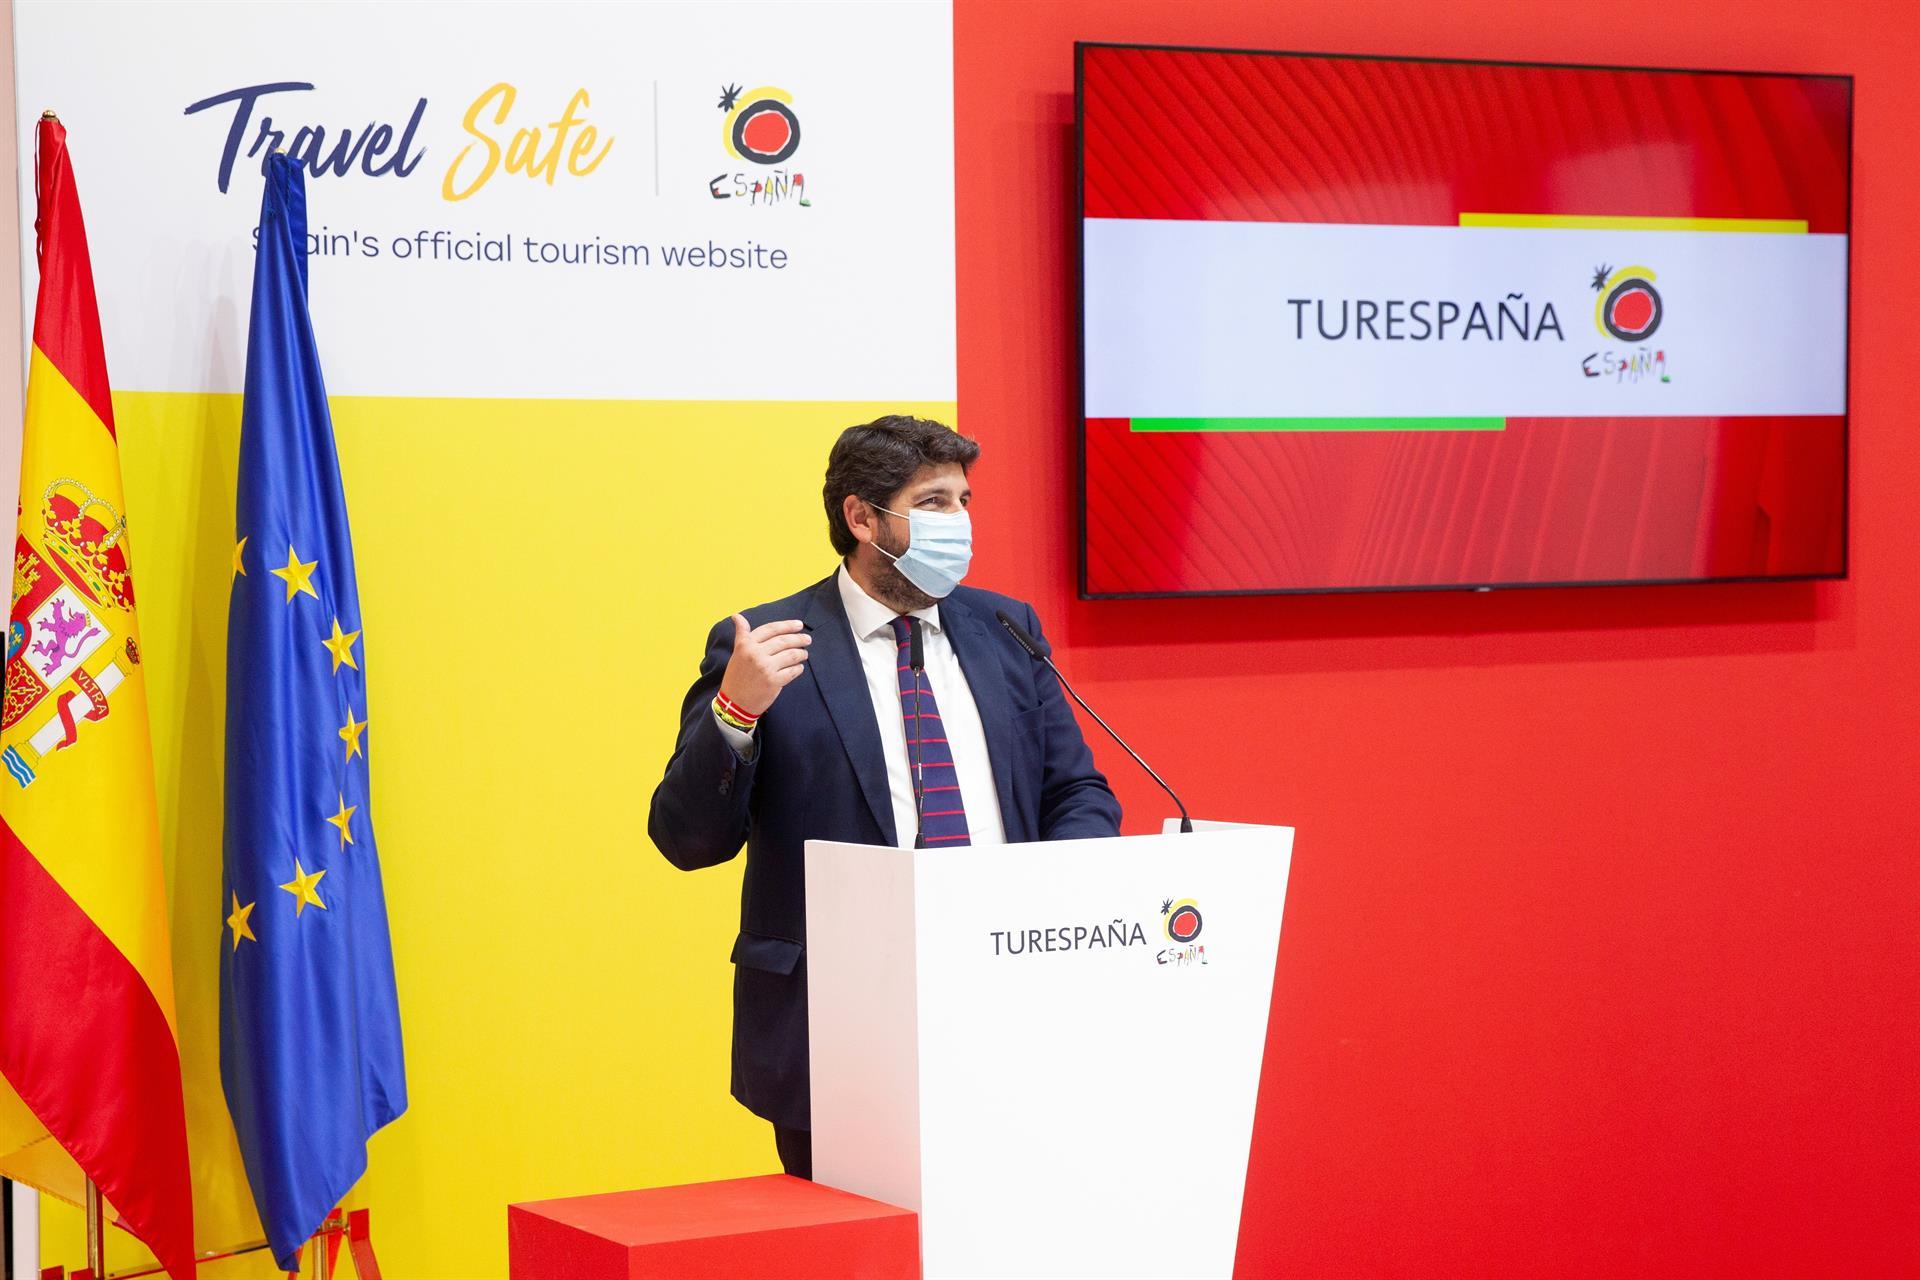 MADRID, 20/05/2021.- El presidente de la Región de Murcia, Fernando López Miras, durante su intervención en su visita al stand del Instituto de Turismo de España (Turespaña) en la Feria Internacional de Turismo, FITUR, 2021. EFE/ Javier Liaño